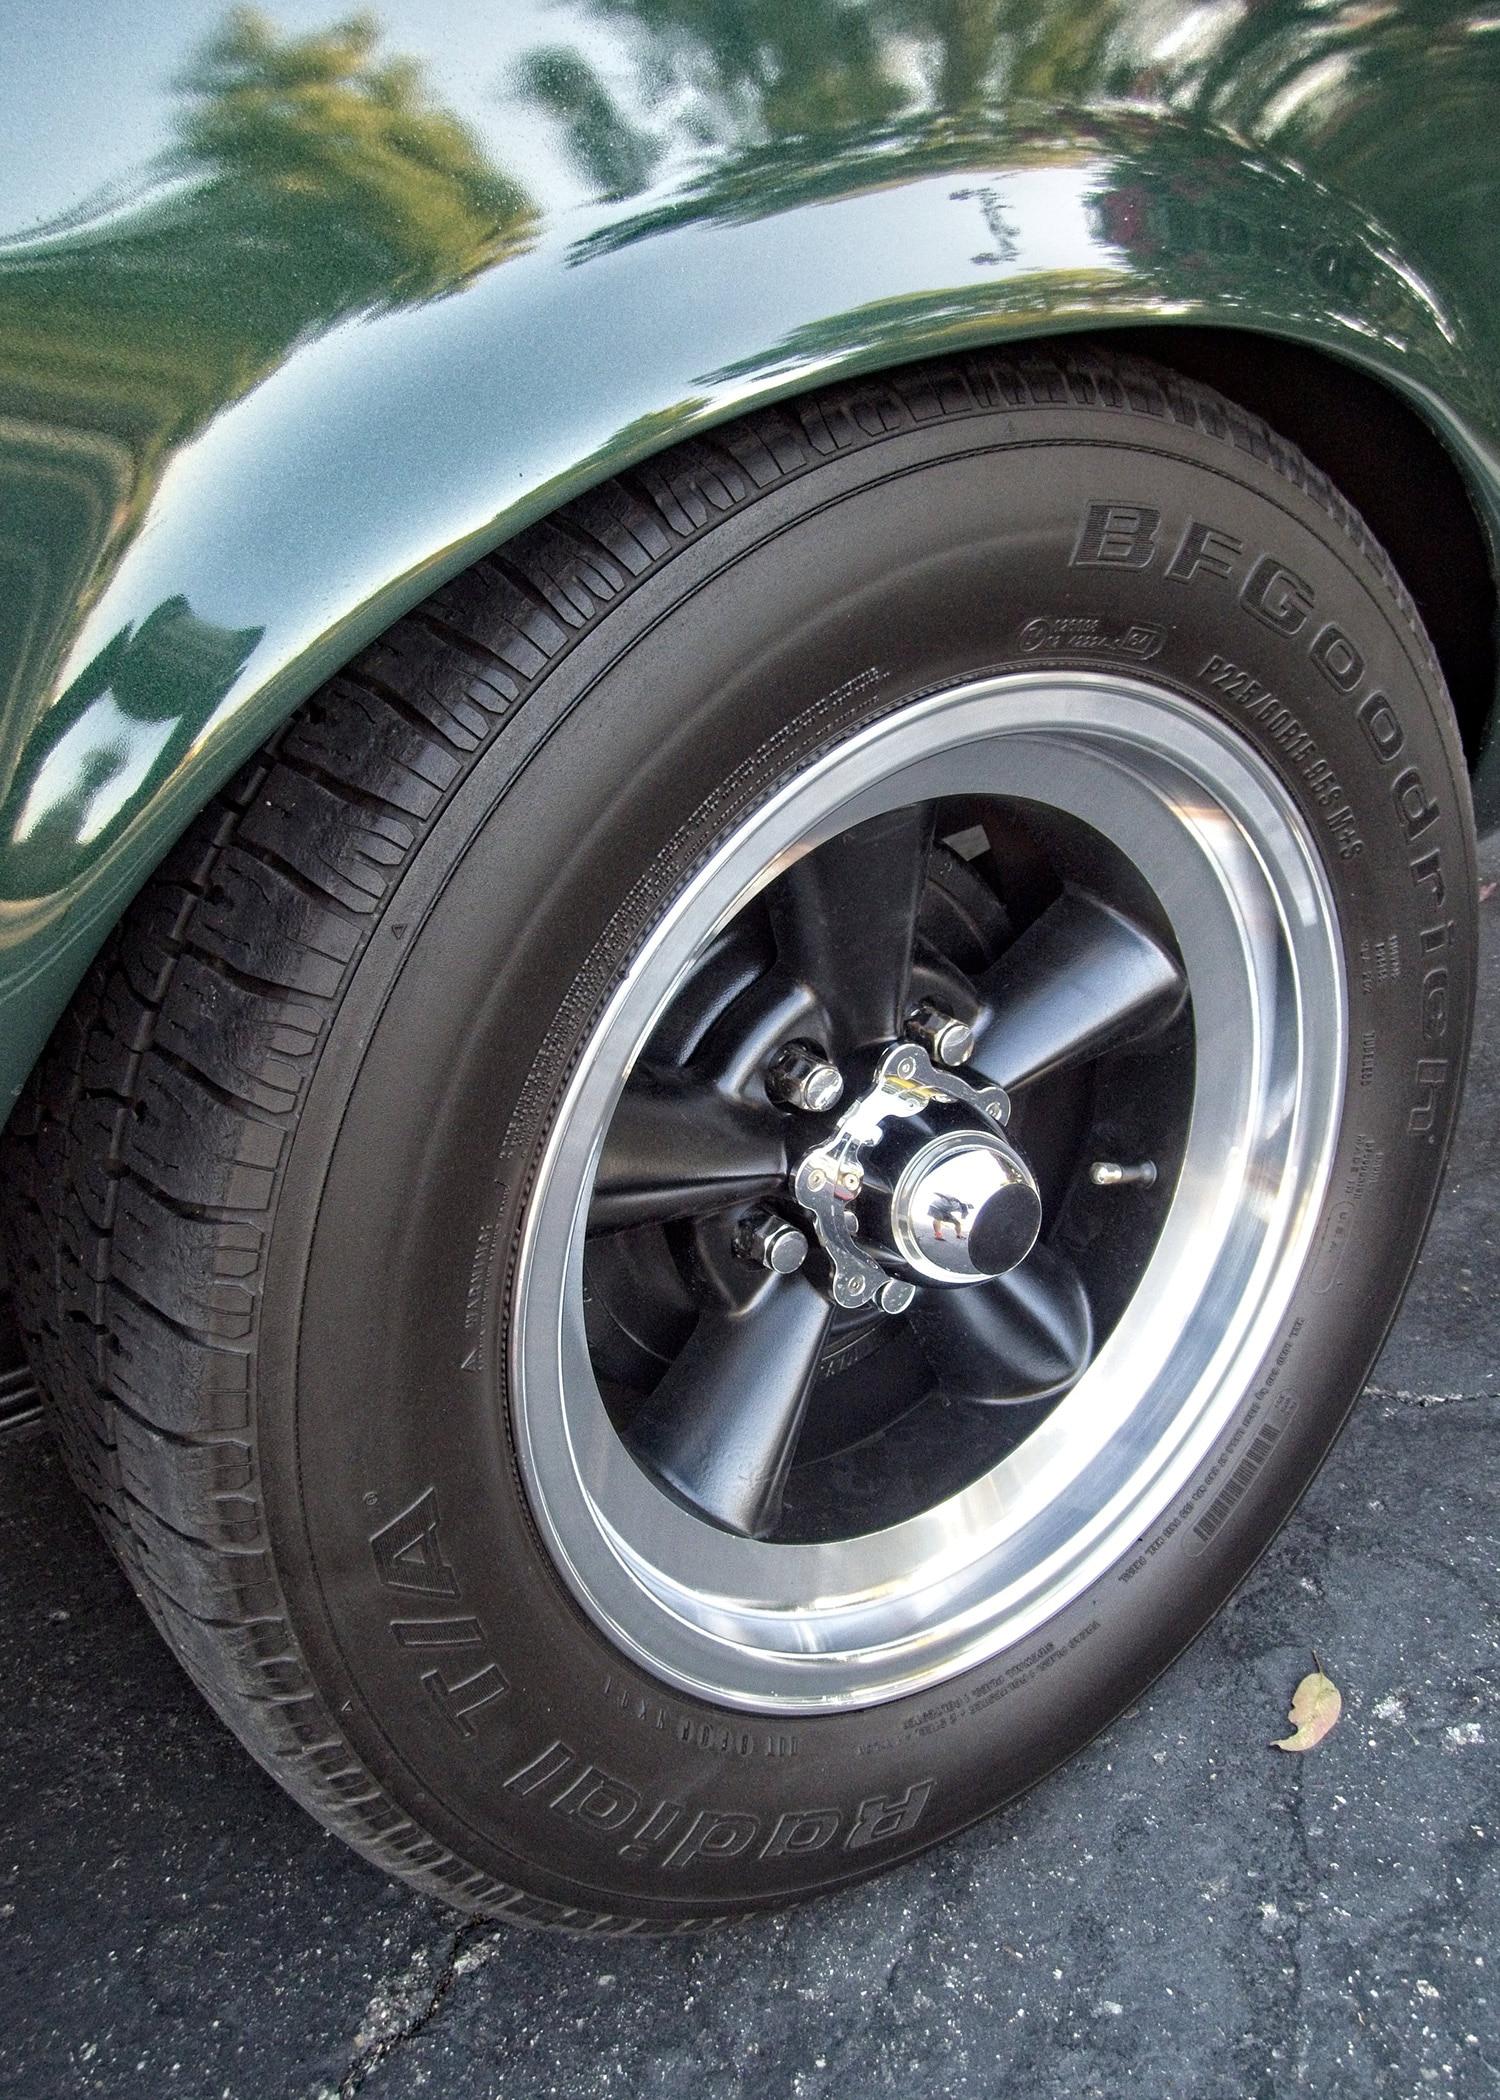 1967 Ford Mustang Shelby Bullitt Tribute 026